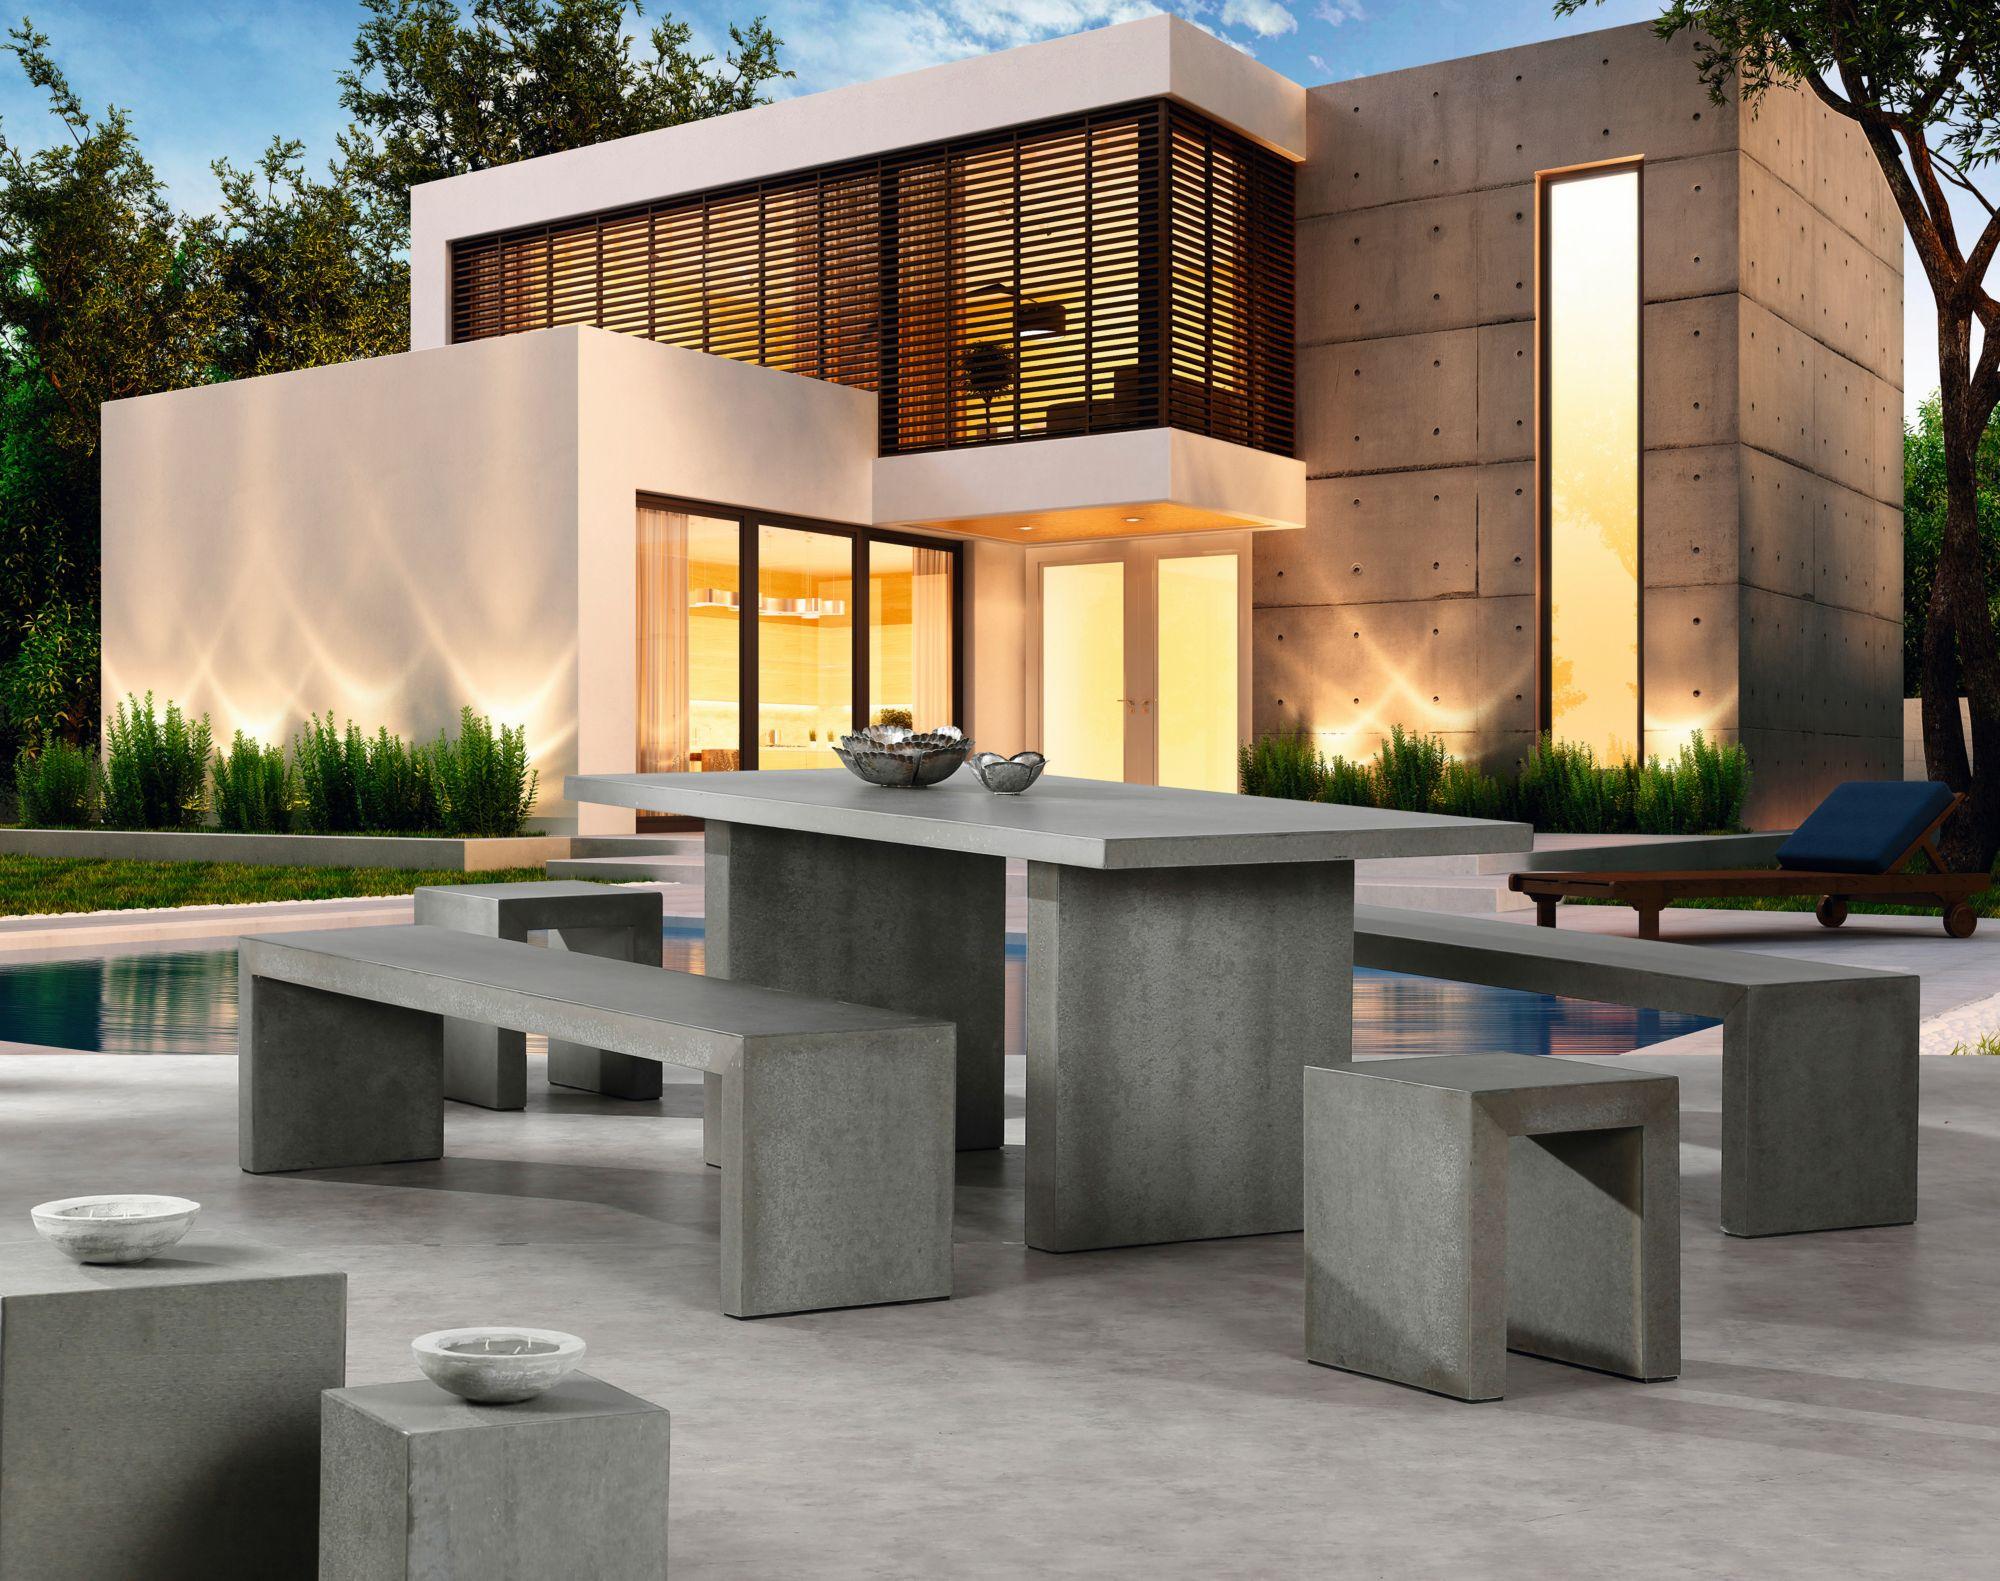 BEST Best 5-tgl. Gartenmöbelset »Rockall«, 2 Bänke 200x45x46 cm, 2 Hocker, Tisch, Beton-Glasfaser, grau